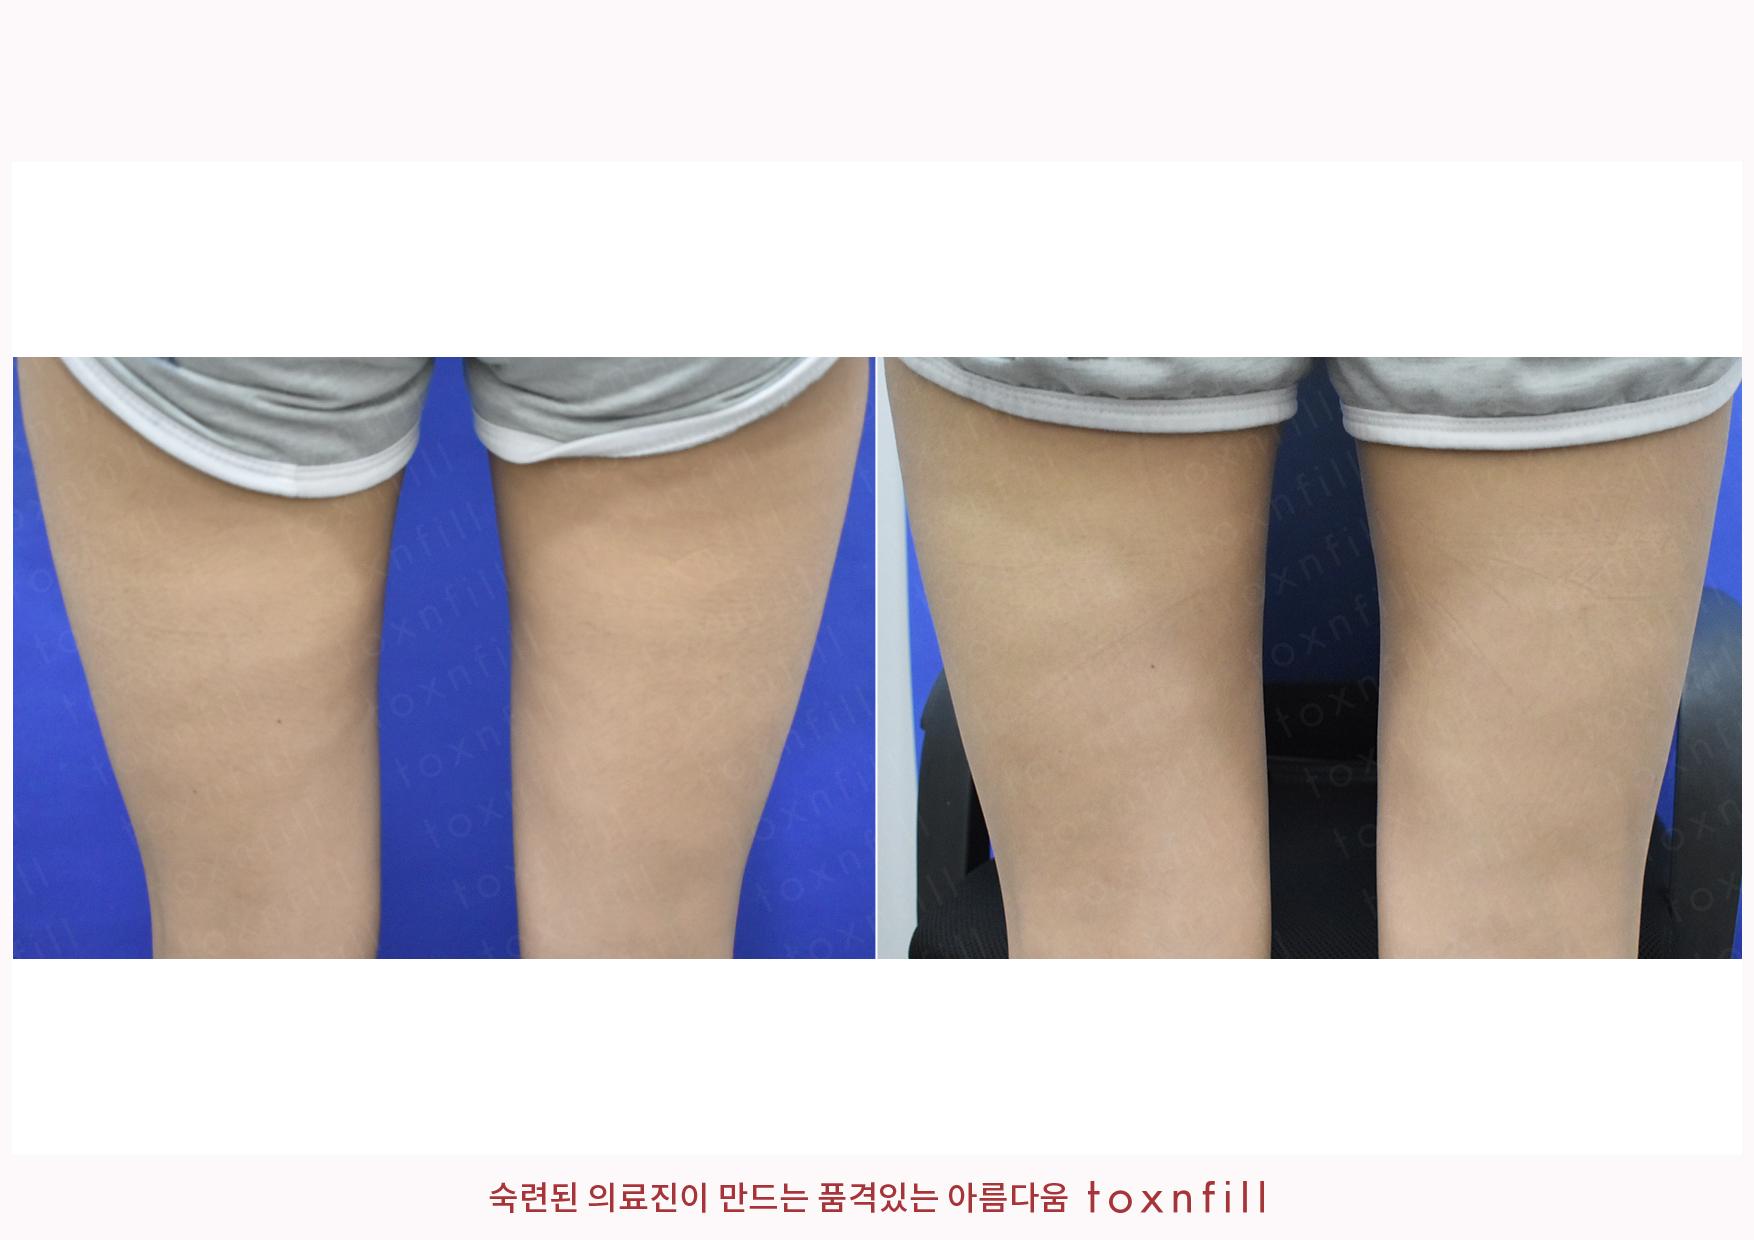 허벅지제모 시술전후